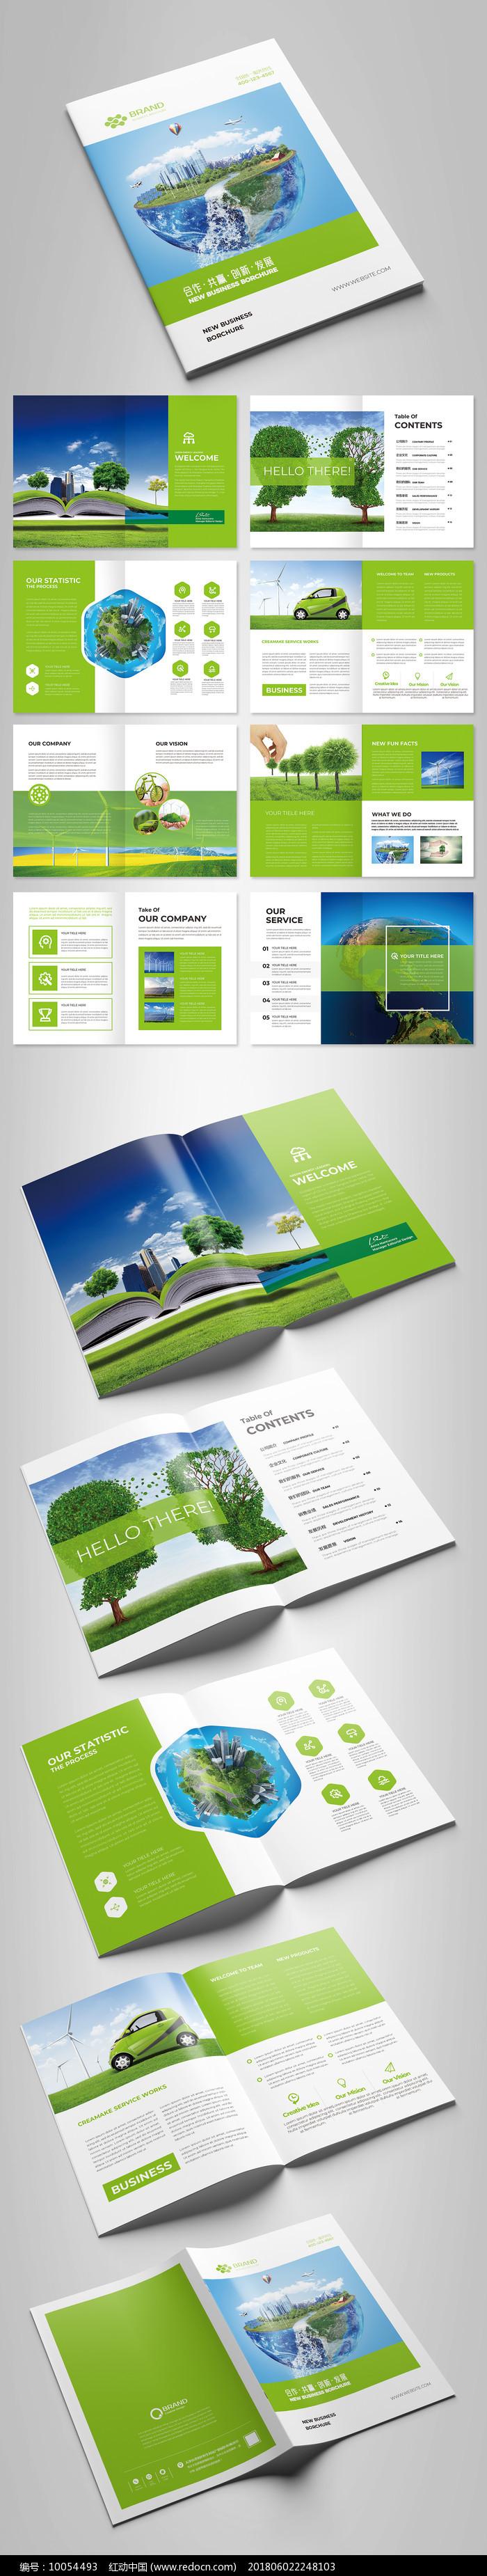 绿色能源画册企业宣传册设计图片